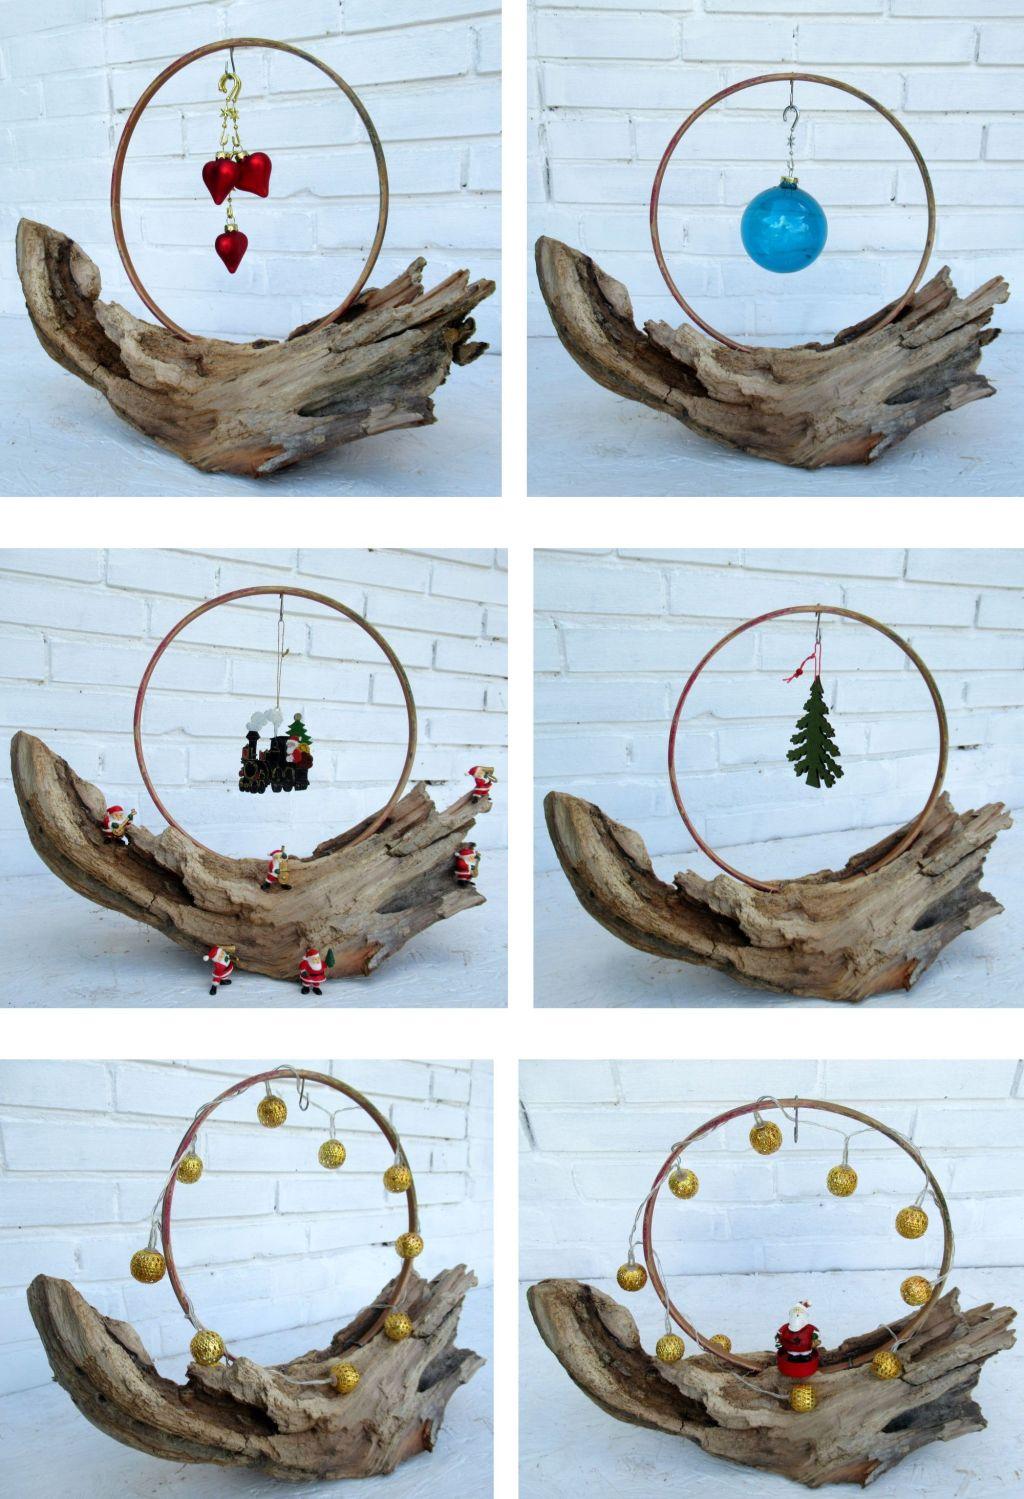 verschiedene Dekorationsvorschläge für die Weihnachtszeit mit Treibholz